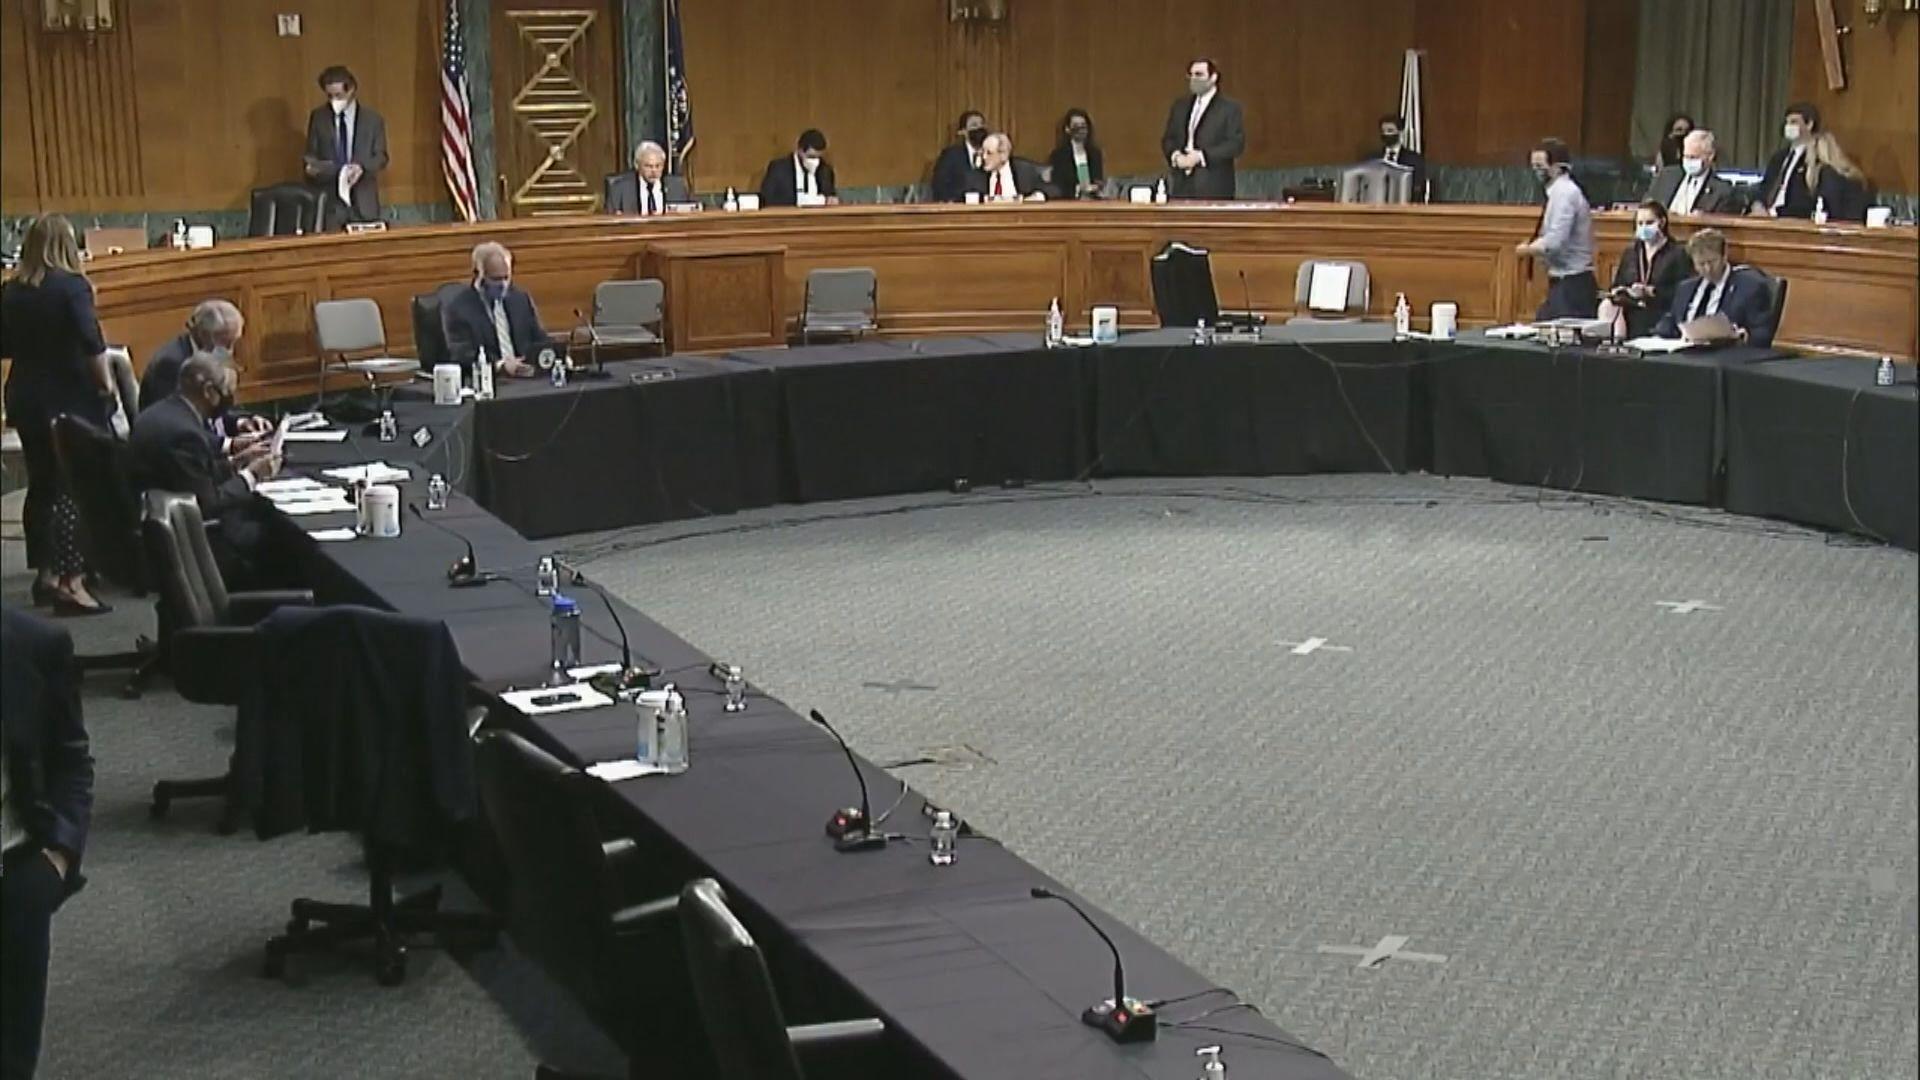 美參院委員會通過法案應對中國挑戰 提及港台疆問題